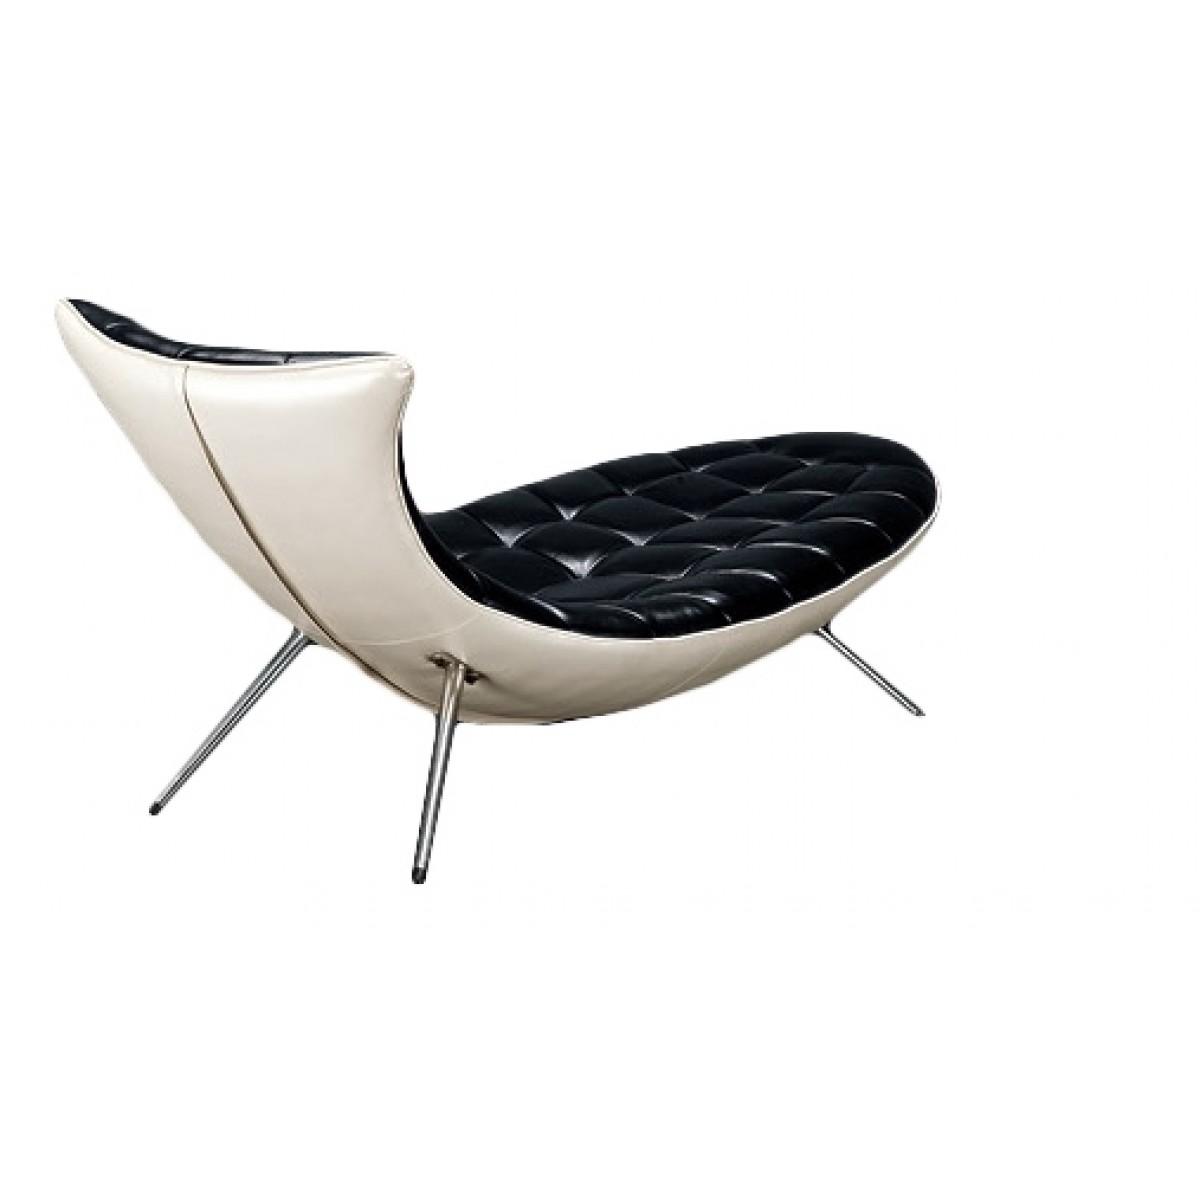 m ridienne de relaxation hamac lot de 2 fauteuils en. Black Bedroom Furniture Sets. Home Design Ideas